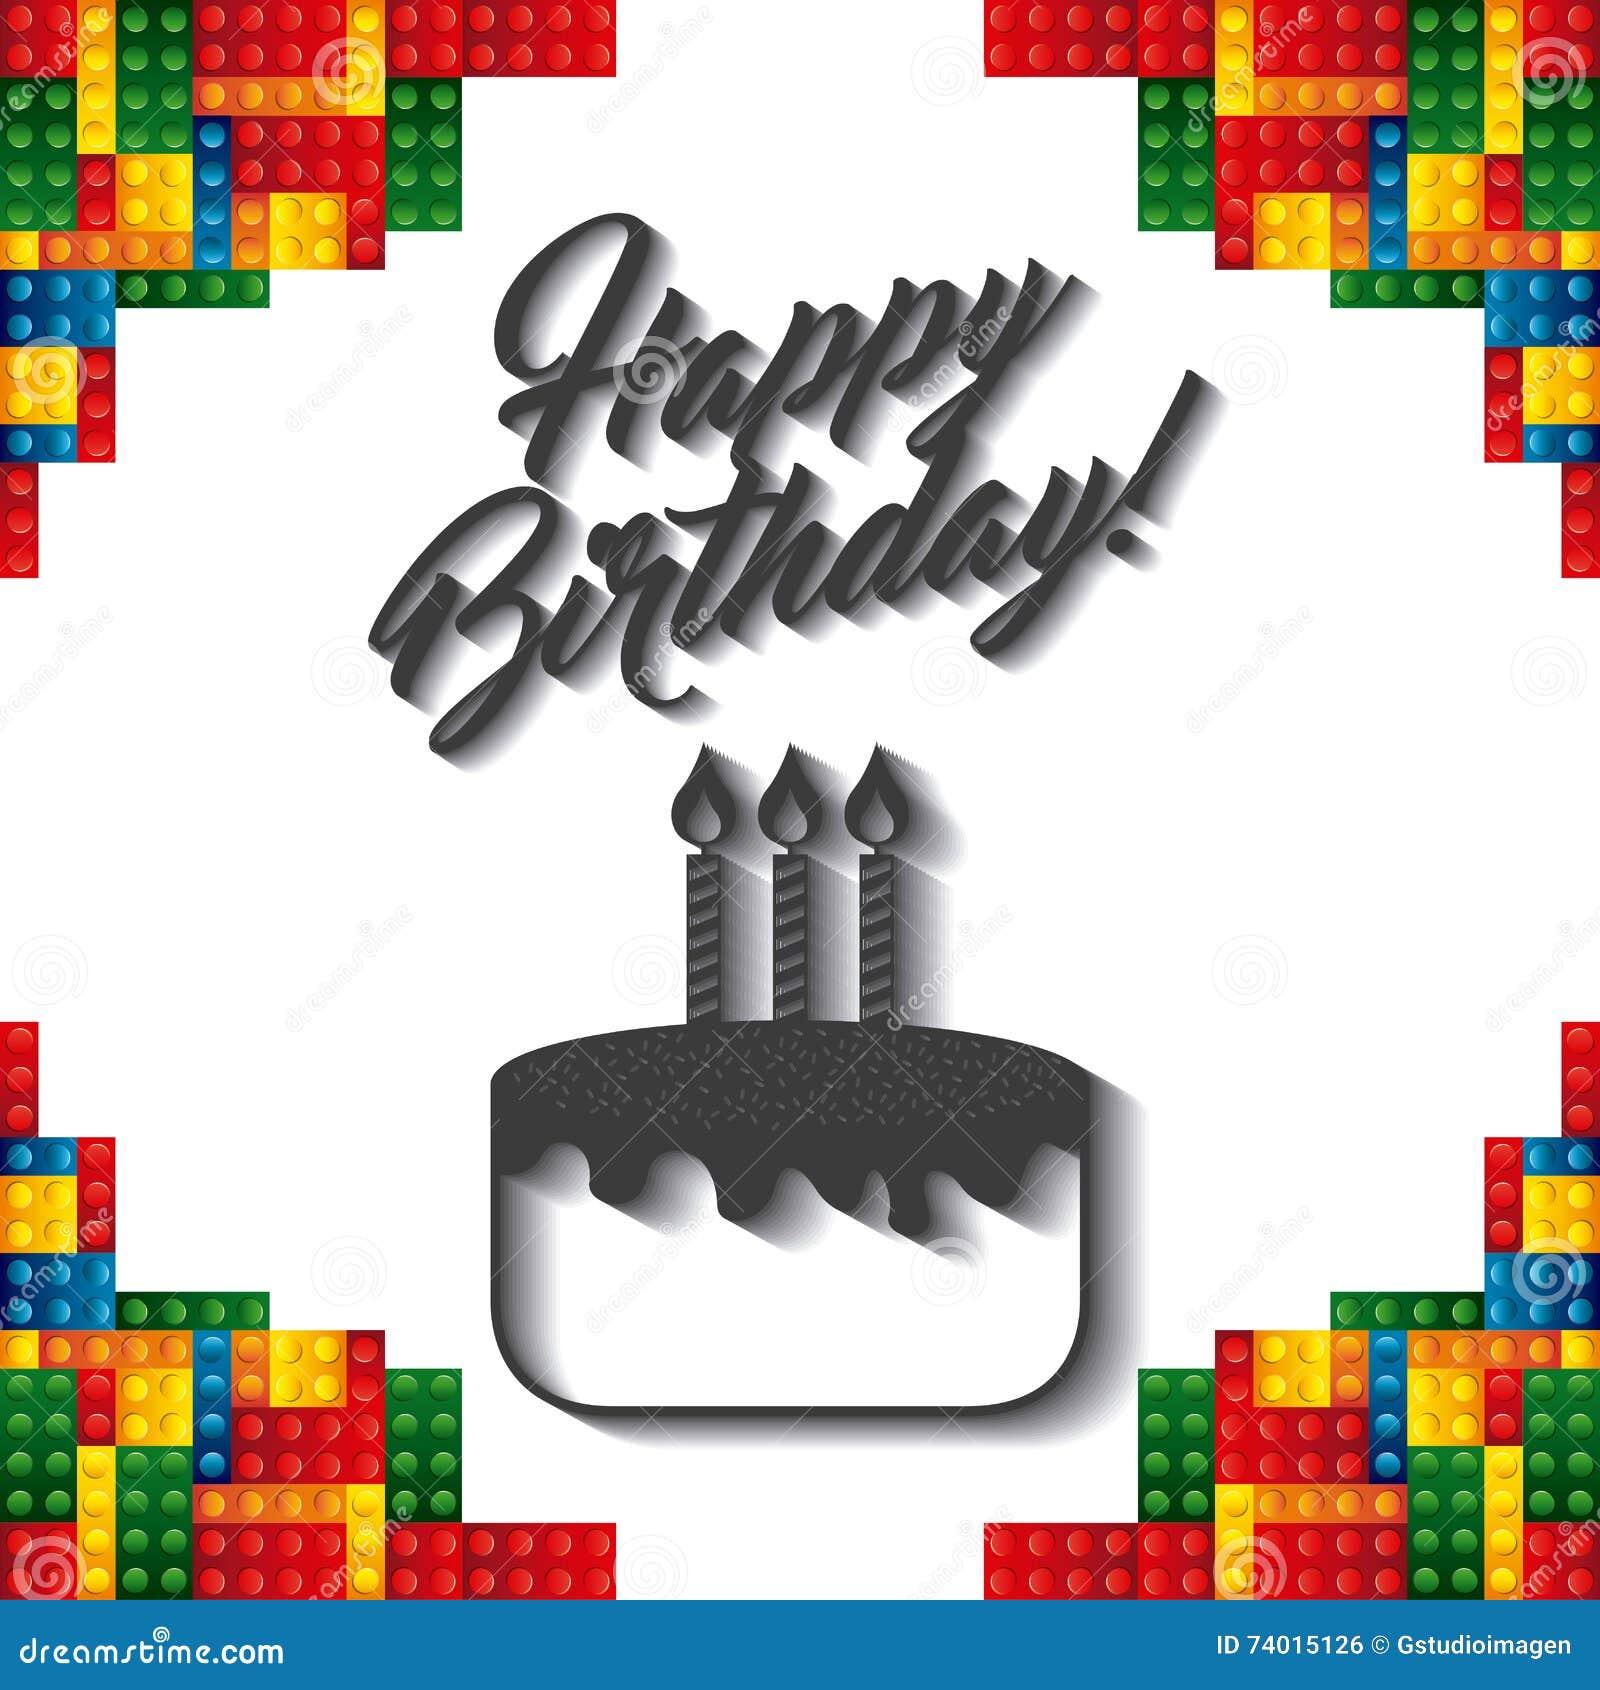 Icône De Cadre De Lego Conception De Joyeux Anniversaire Dessin De